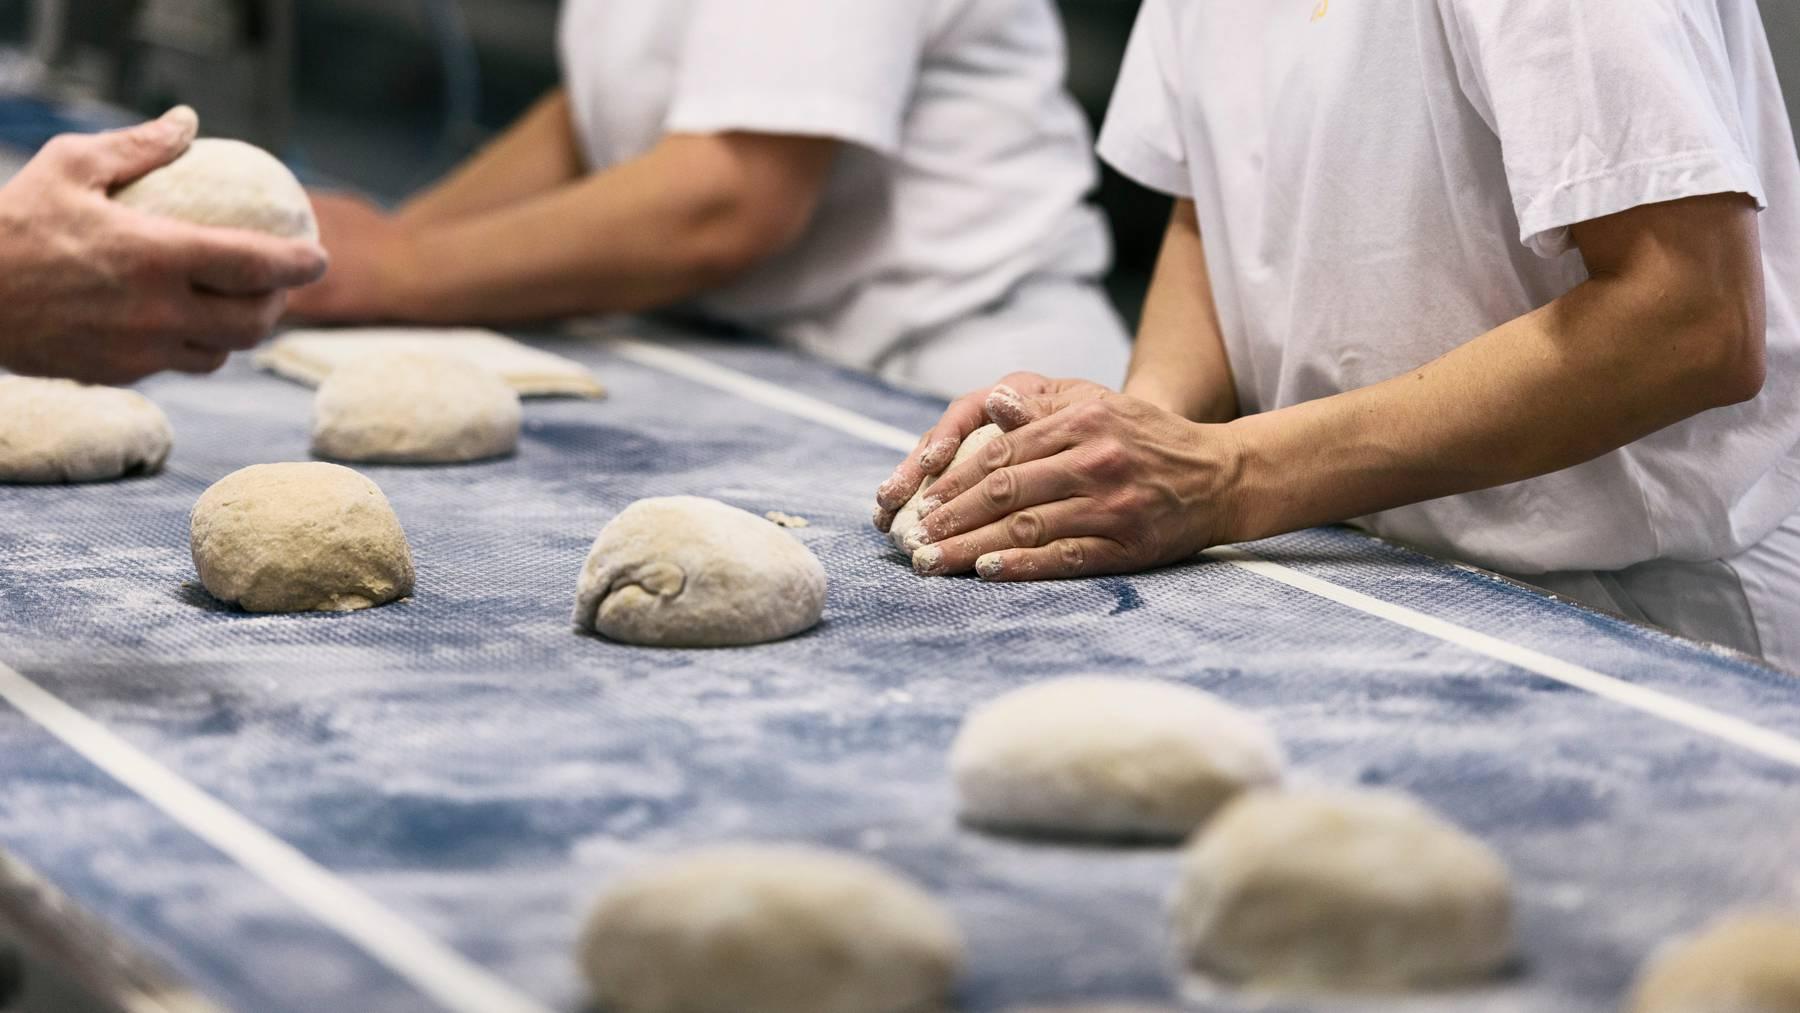 In Schafisheim wird im Akkord geknetet und gebacken. Die Coop-Grossbäckerei produziert jährlich 60'000 Tonnen Brot und Backwaren. (Archivbild)